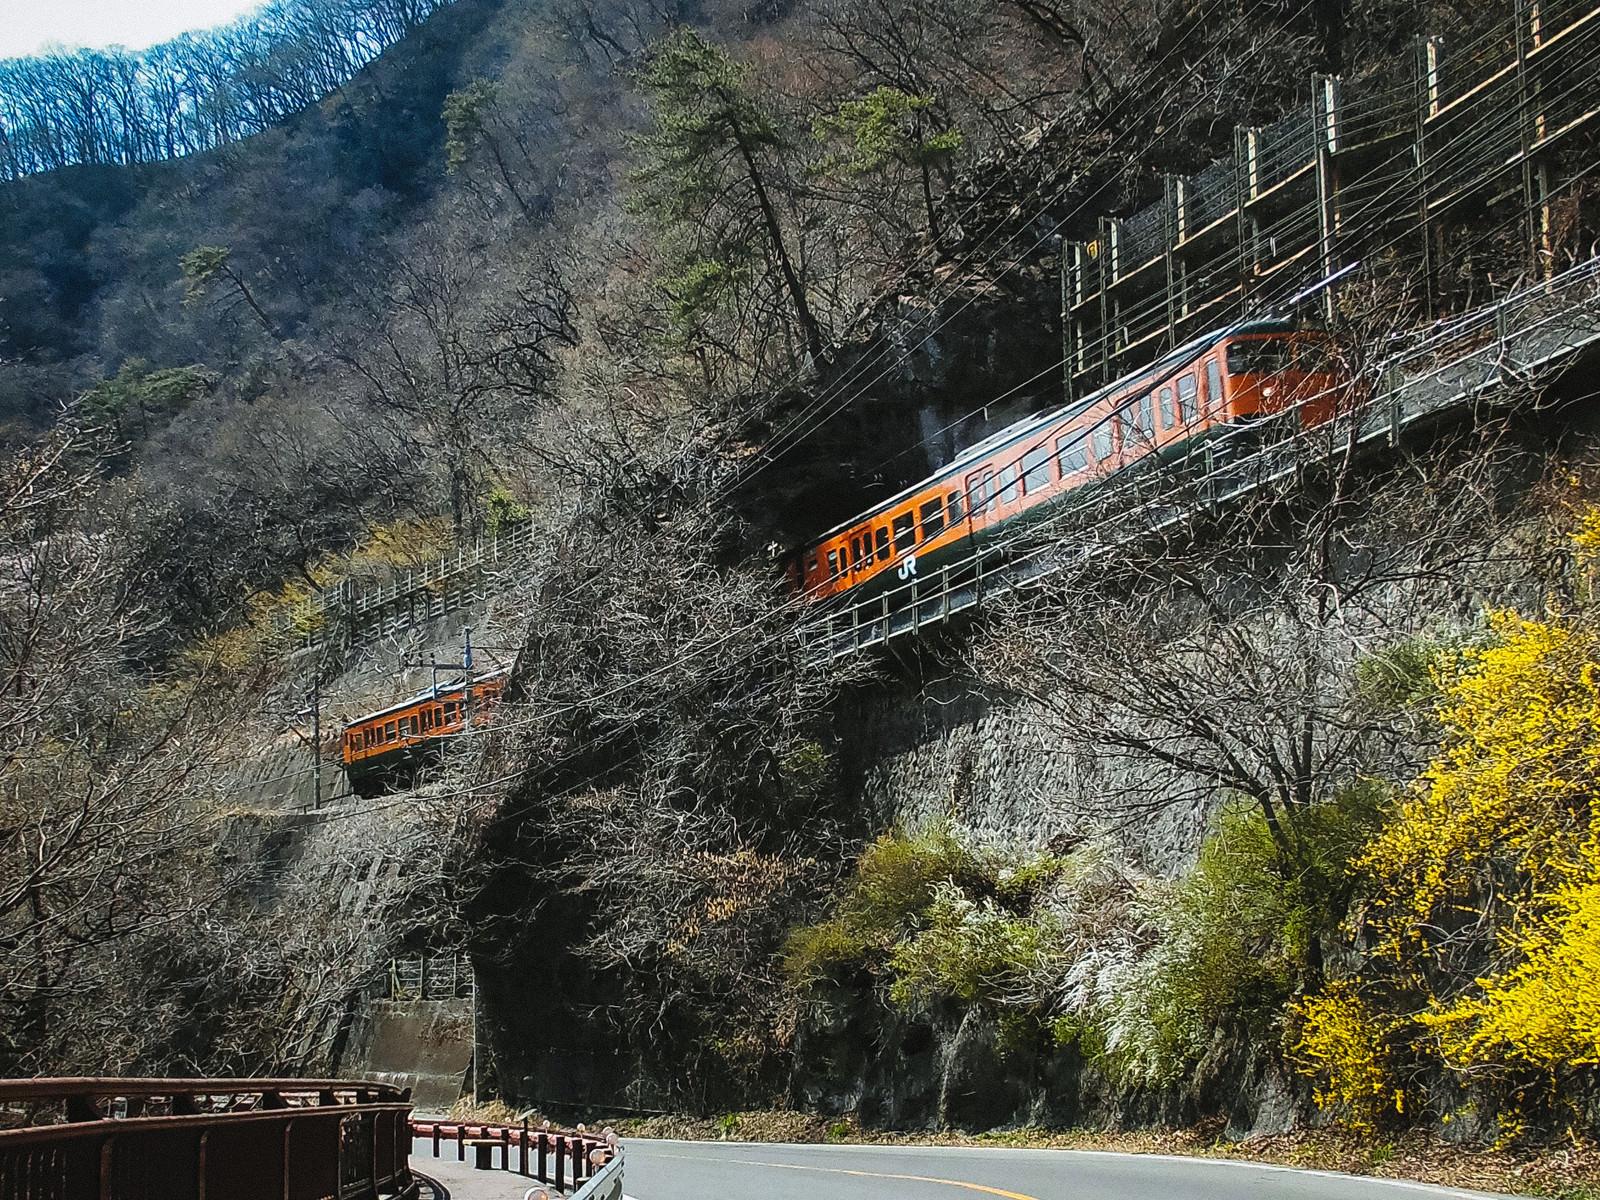 「日本一短いトンネル「樽沢トンネル」を走行するJR吾妻線」の写真